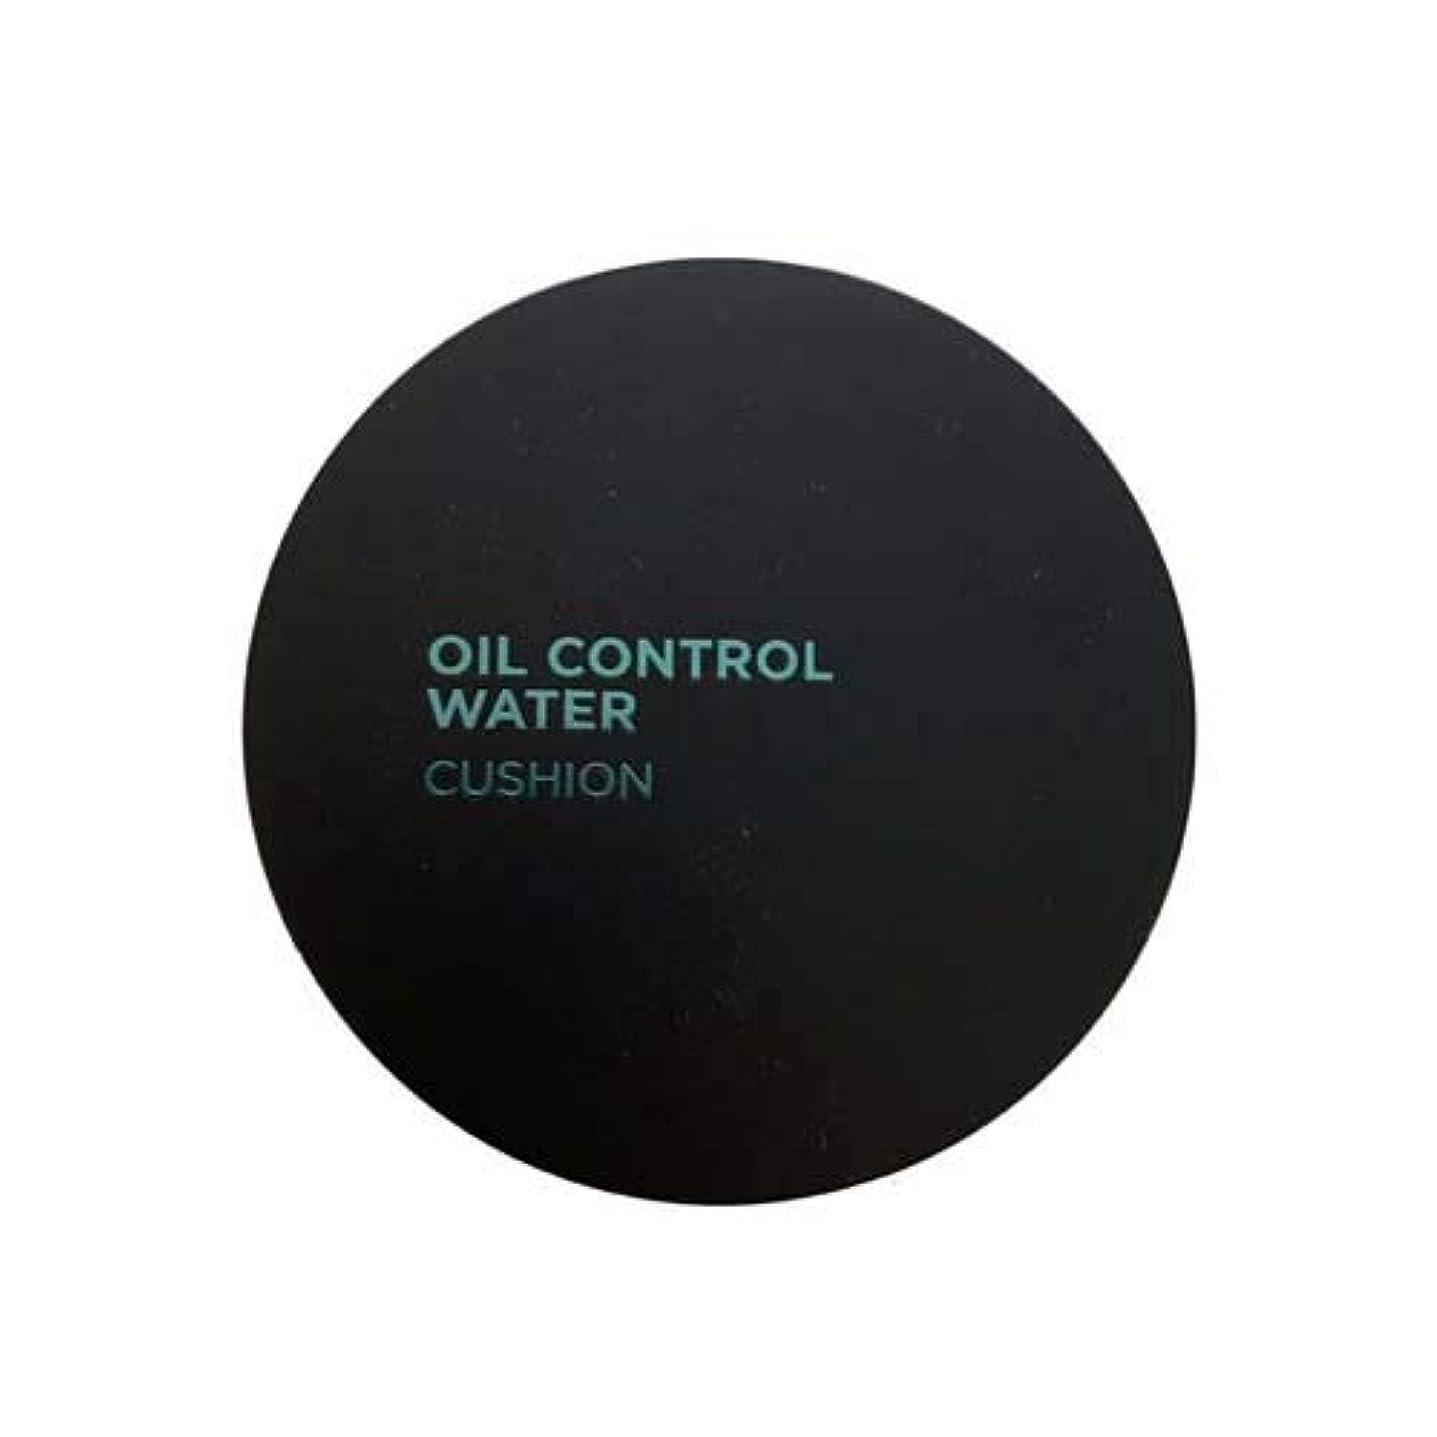 隣接作る除去[ザ?フェイスショップ] THE FACE SHOP [オイルコントロール水分クッションEX SPF50+ PA+++15g] Oil Control Water Cushion EX 15g [海外直送品] (V201...